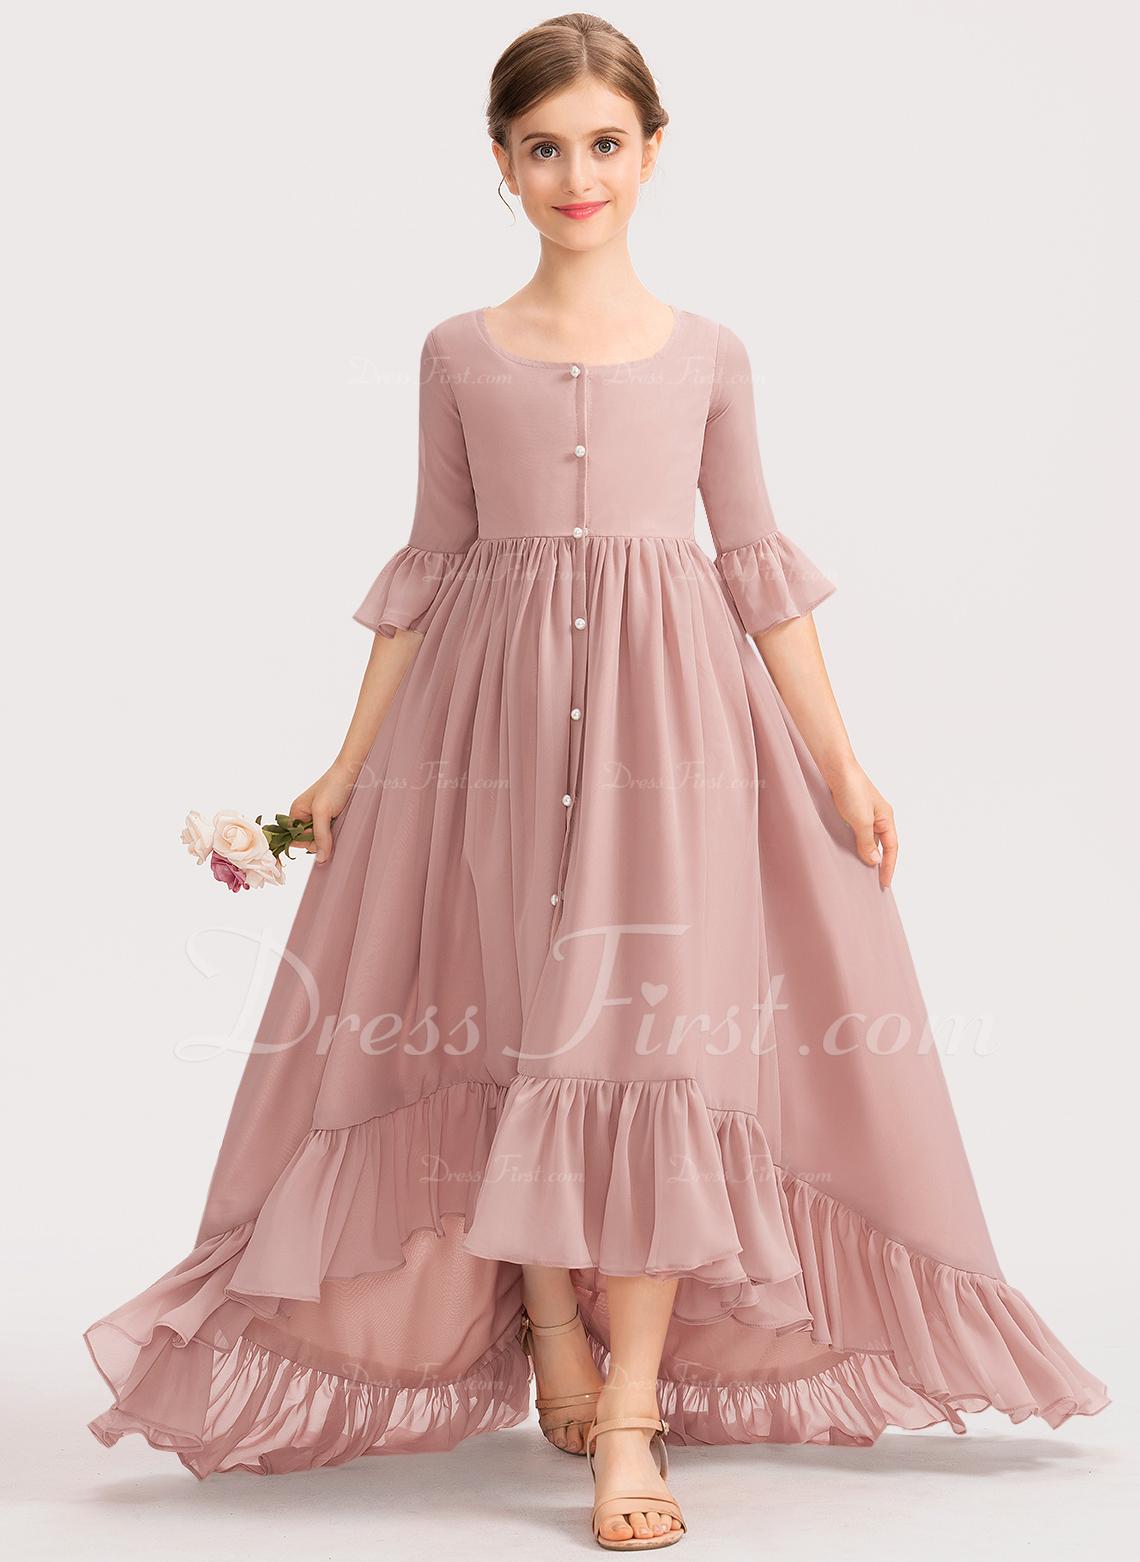 Aライン スクープネック 非対称 シフォン ジュニアブライドメイドドレス とともに 弓 カスケードフリル